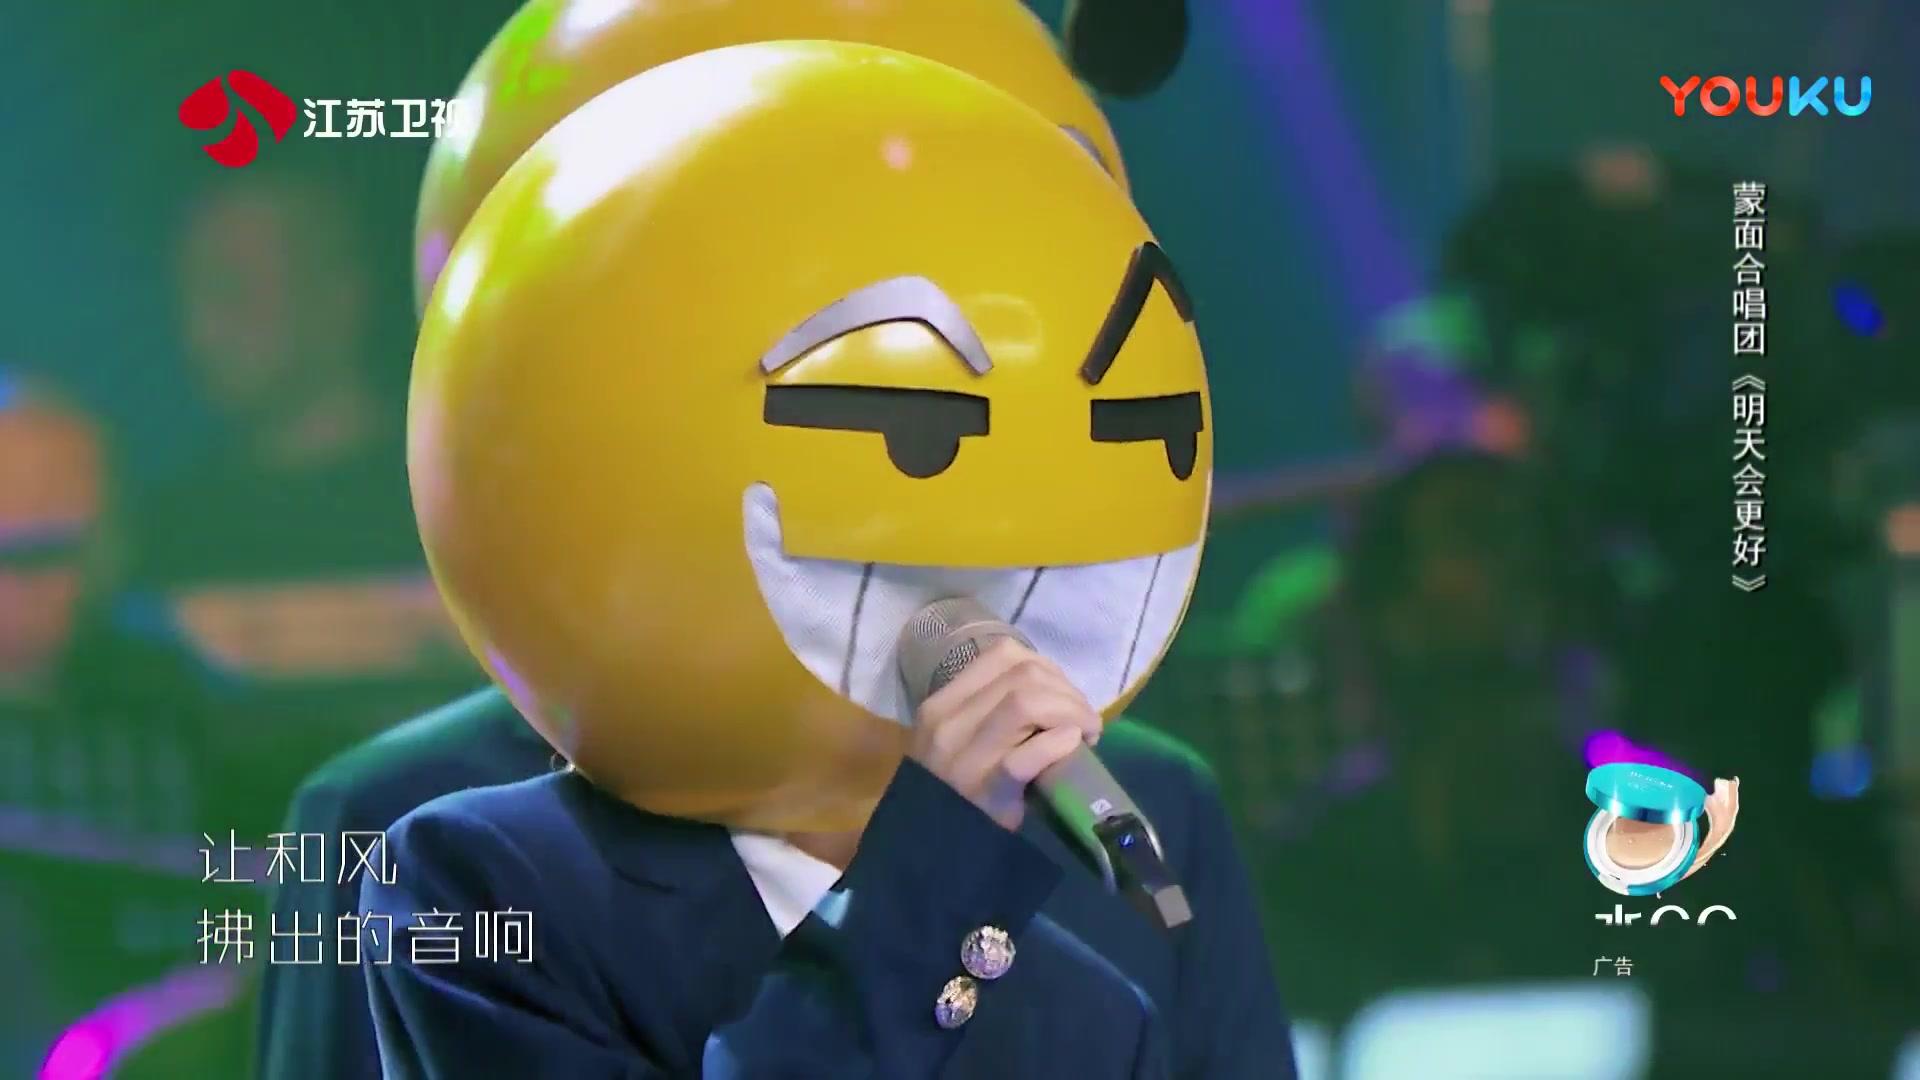 【蒙面唱将】歌手化身表情包演唱《明天会更好》,吴青峰音色太突出图片